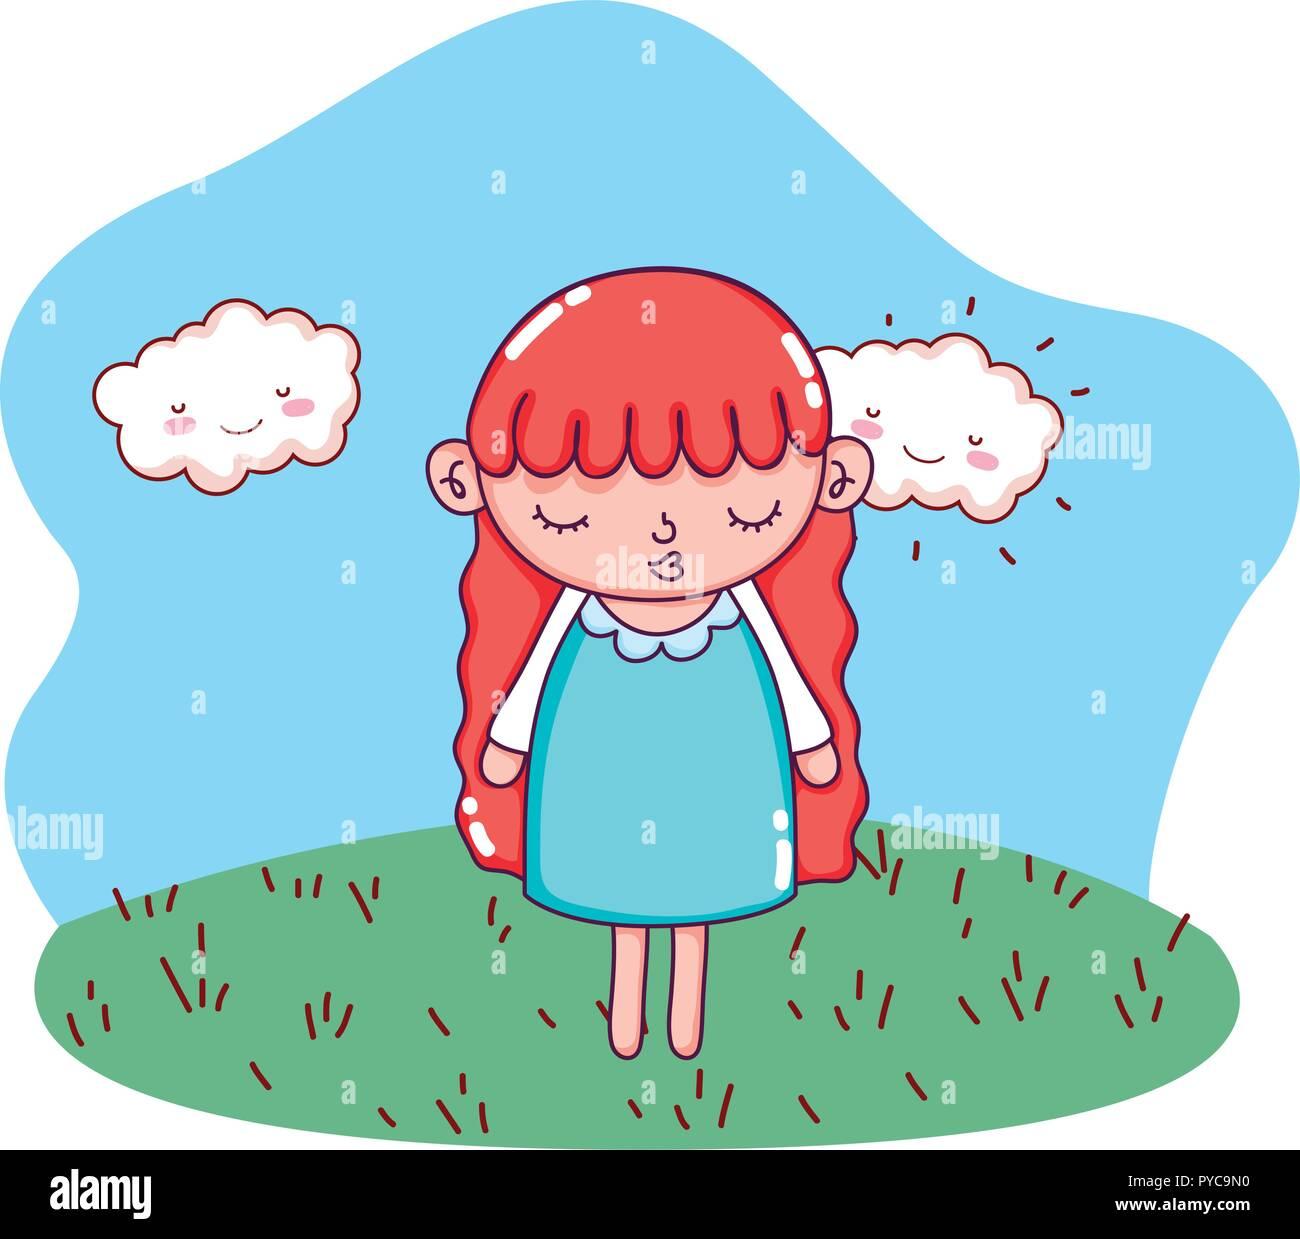 young girl cartoon - Stock Vector